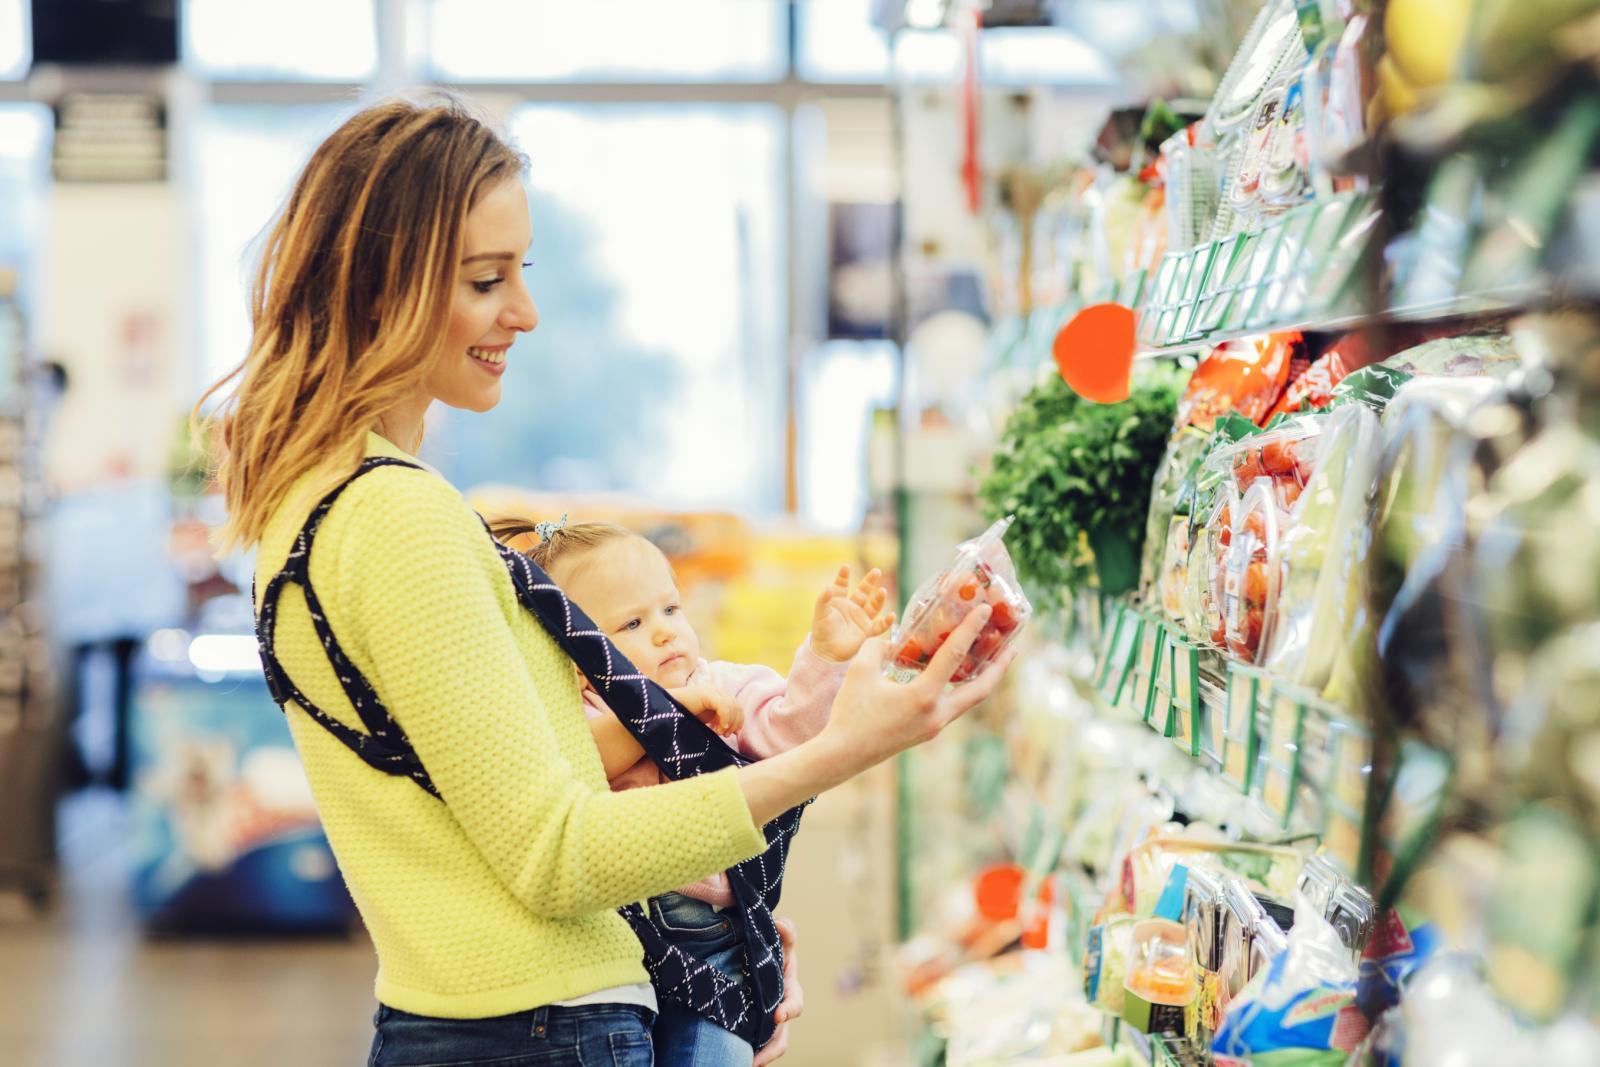 Naviku prema odabiru zdravih i kvalitetnih namirnica trebali bismo prenositi na našu djecu od najranije dobi.